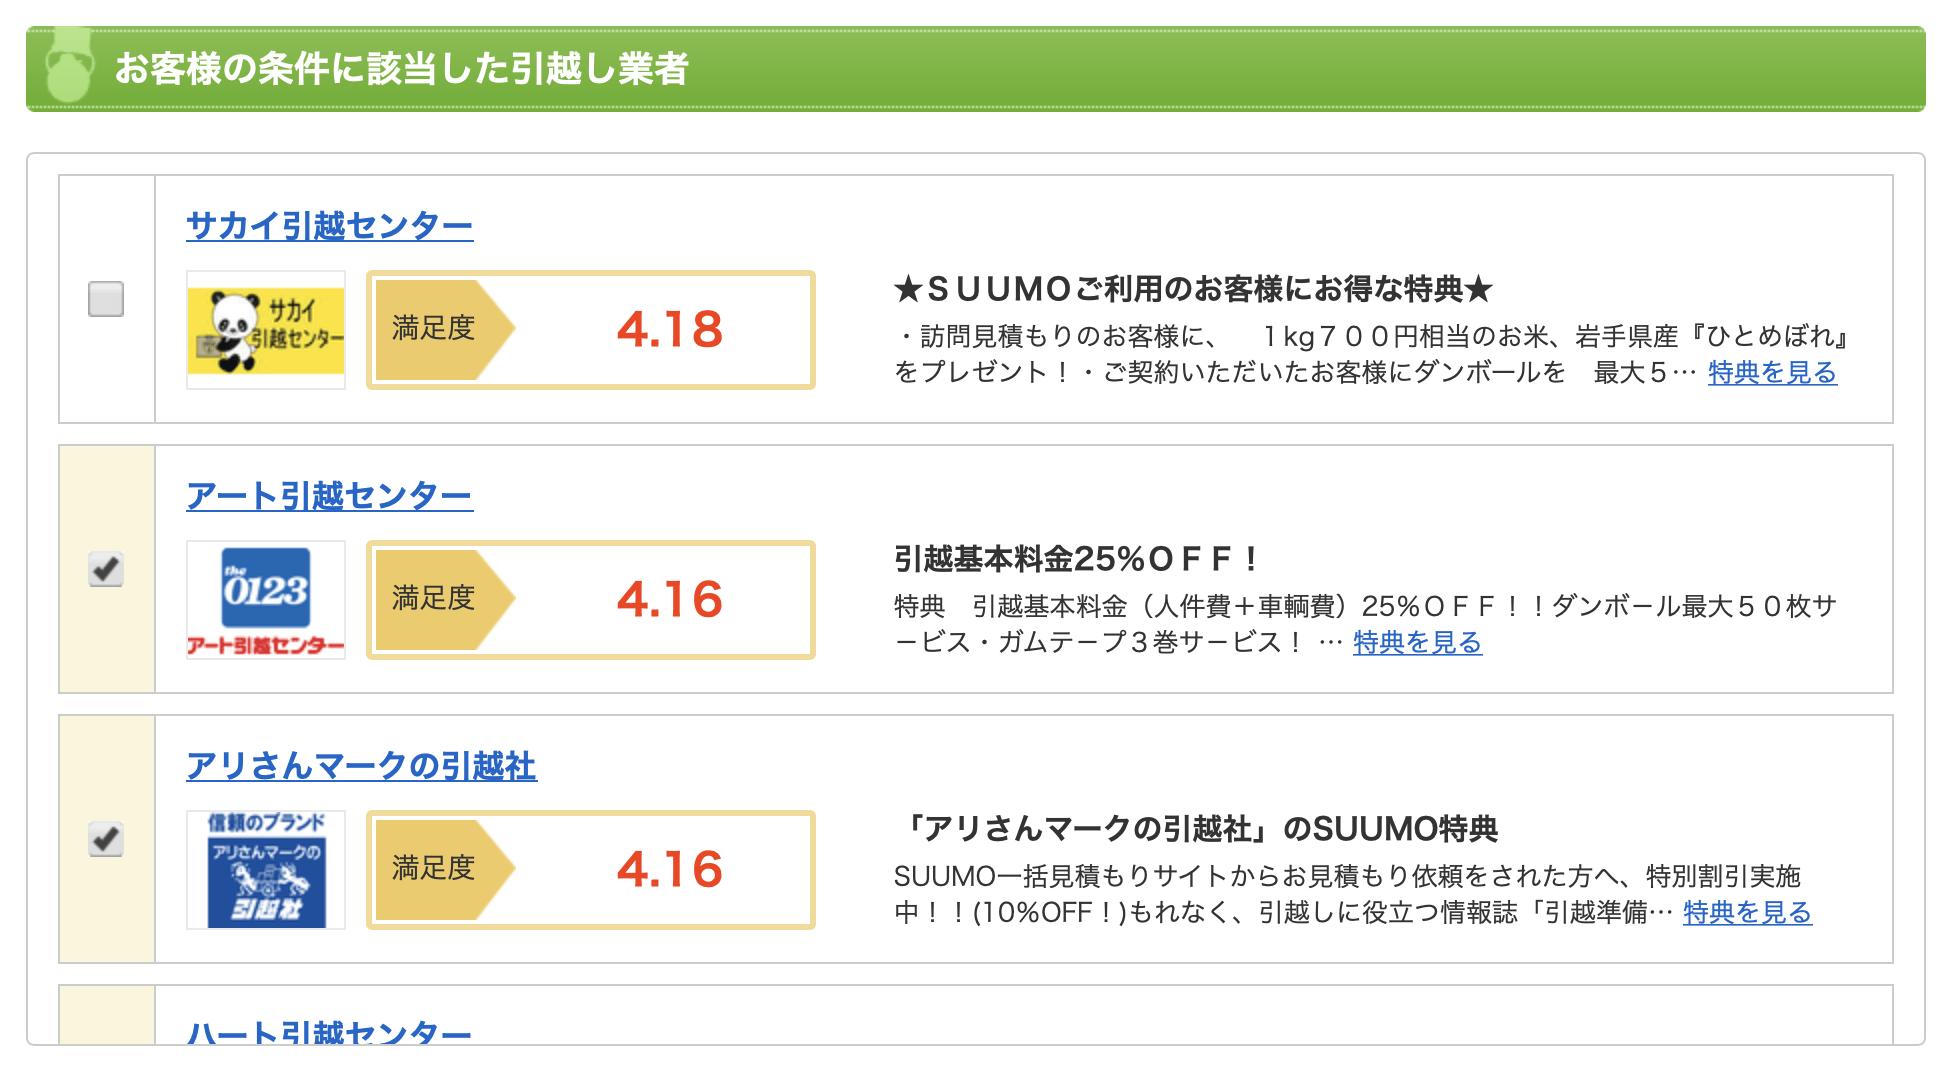 SUUMO引越しの利用イメージ